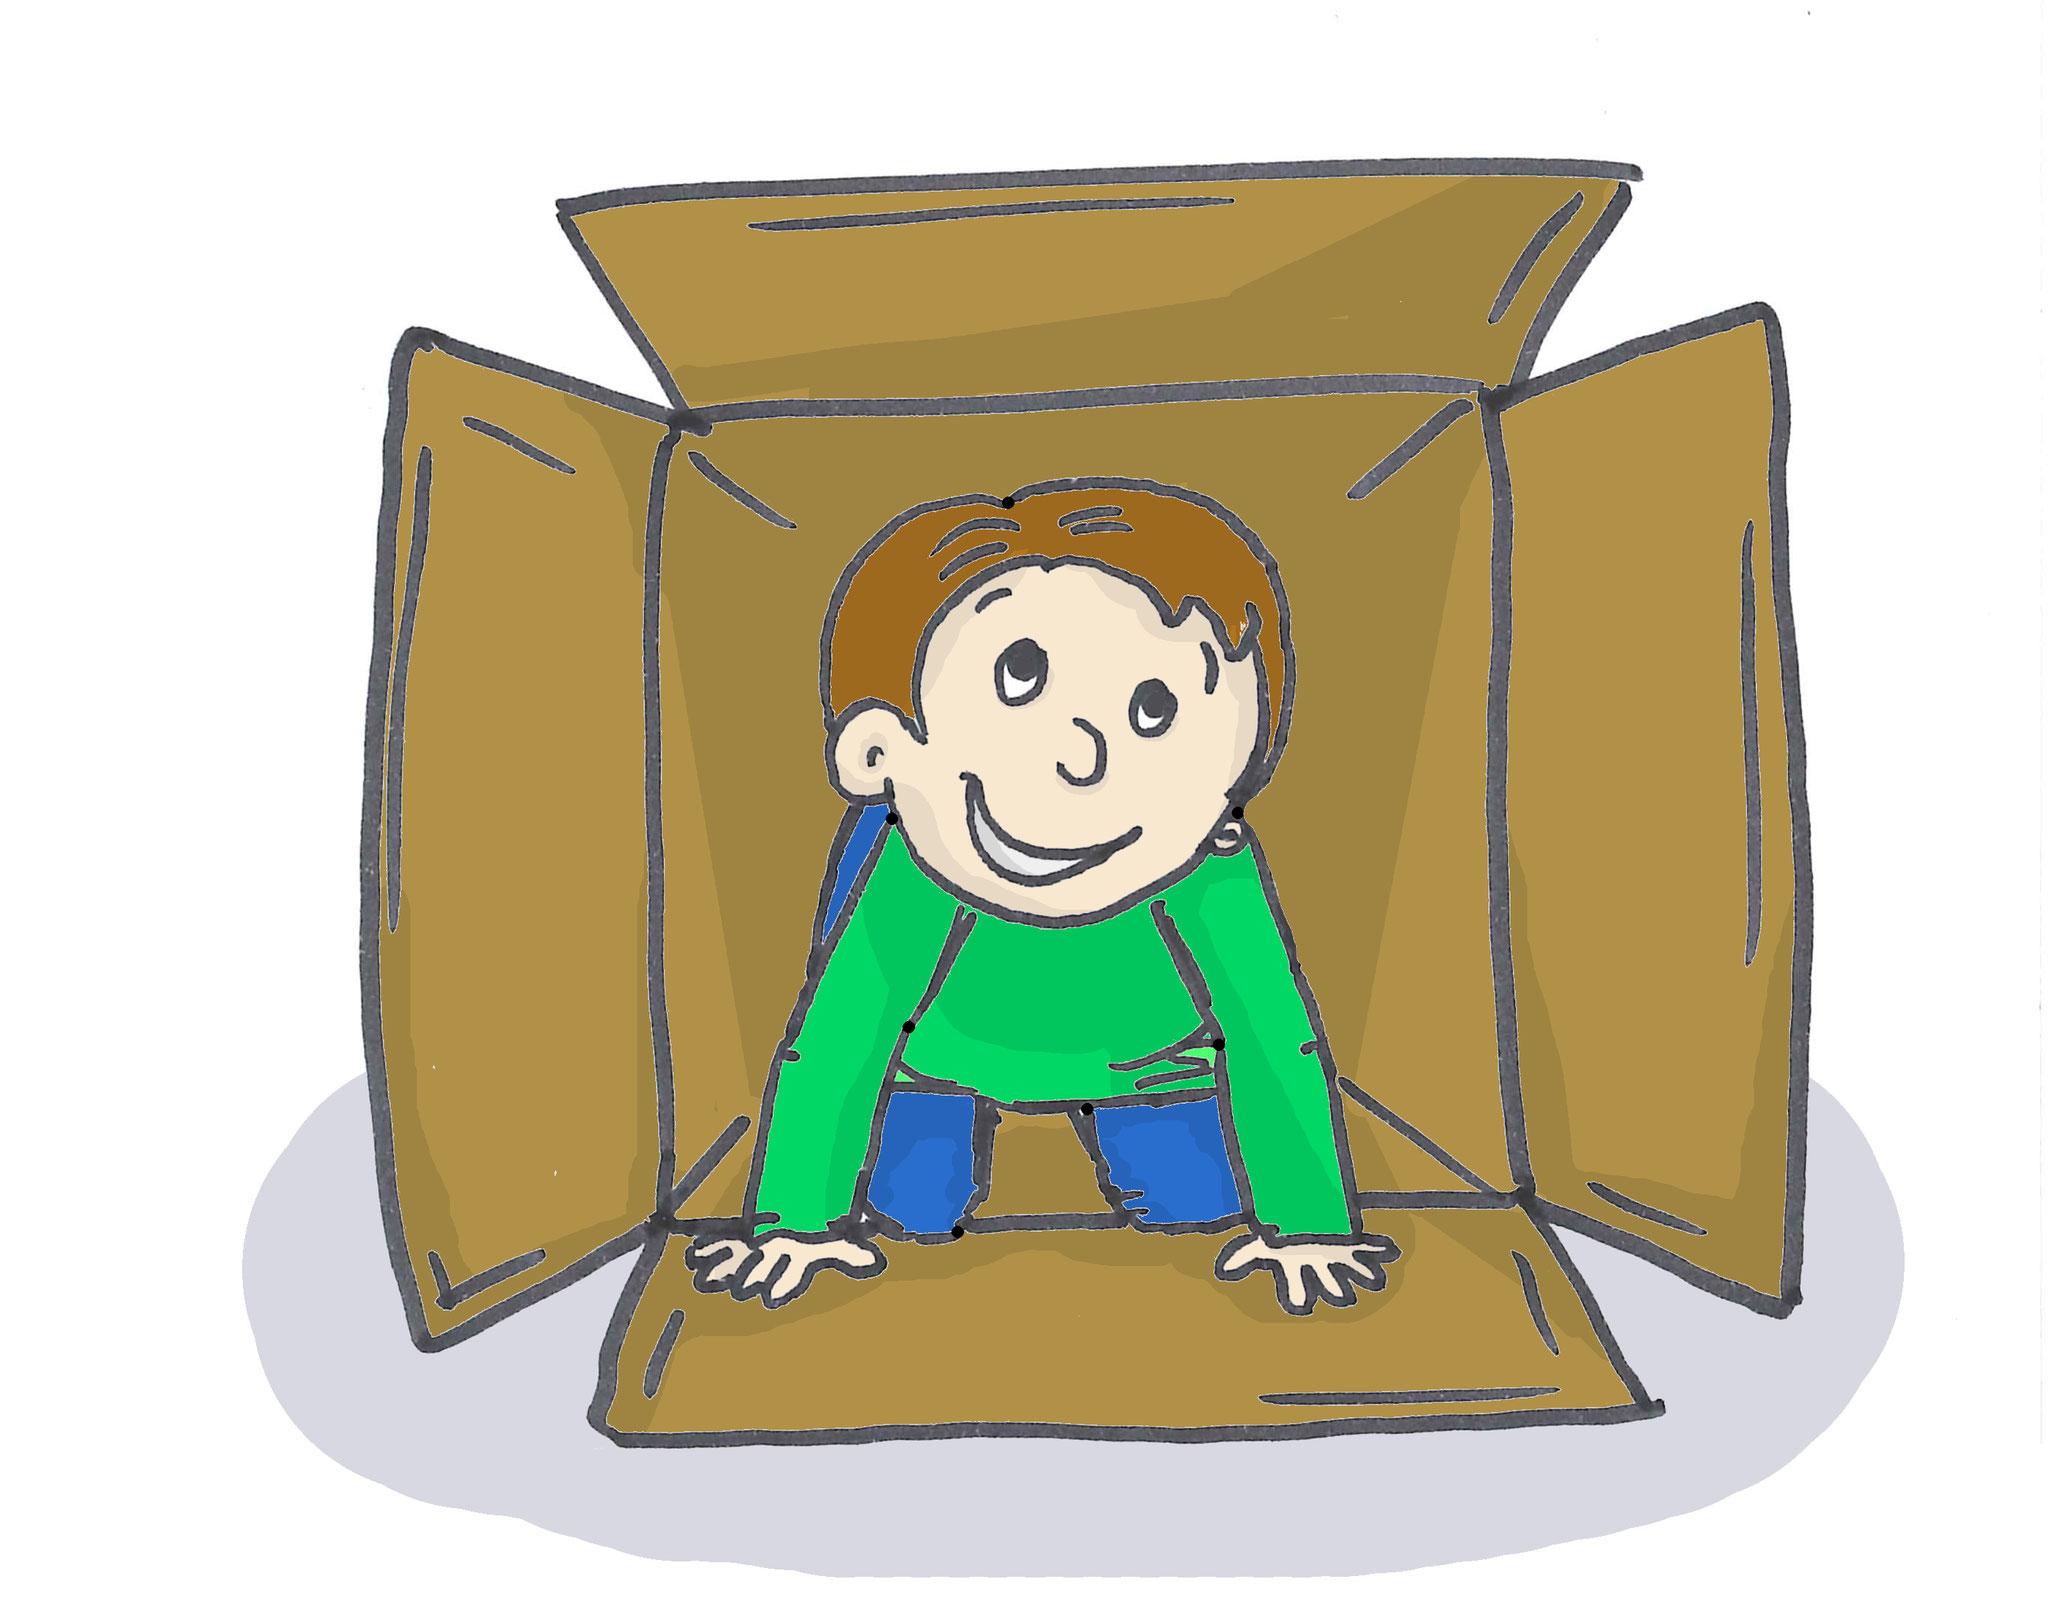 7. Für Architekten und Ingenieure: Alte Kartons, Bretter, Decken, Regenschirme, Besenstile und Co. sind das ideale Baumaterial für Höhlen, Bühnen, Boote und Autos.